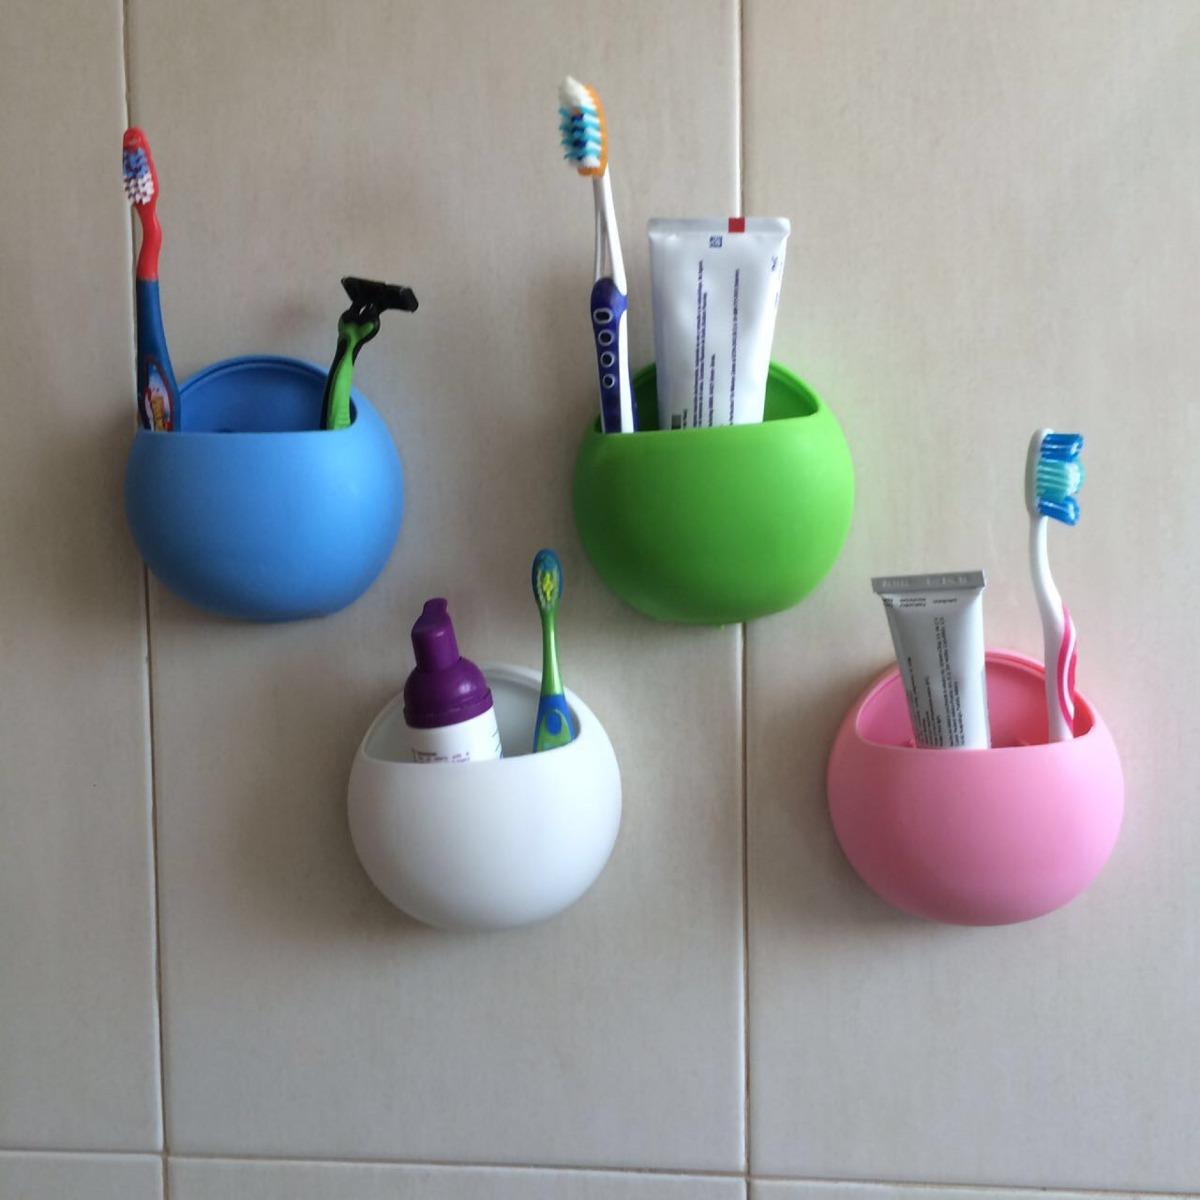 Porta objetos de ba o porta art culos de regadera colores en mercado libre - Articulos de bano ...